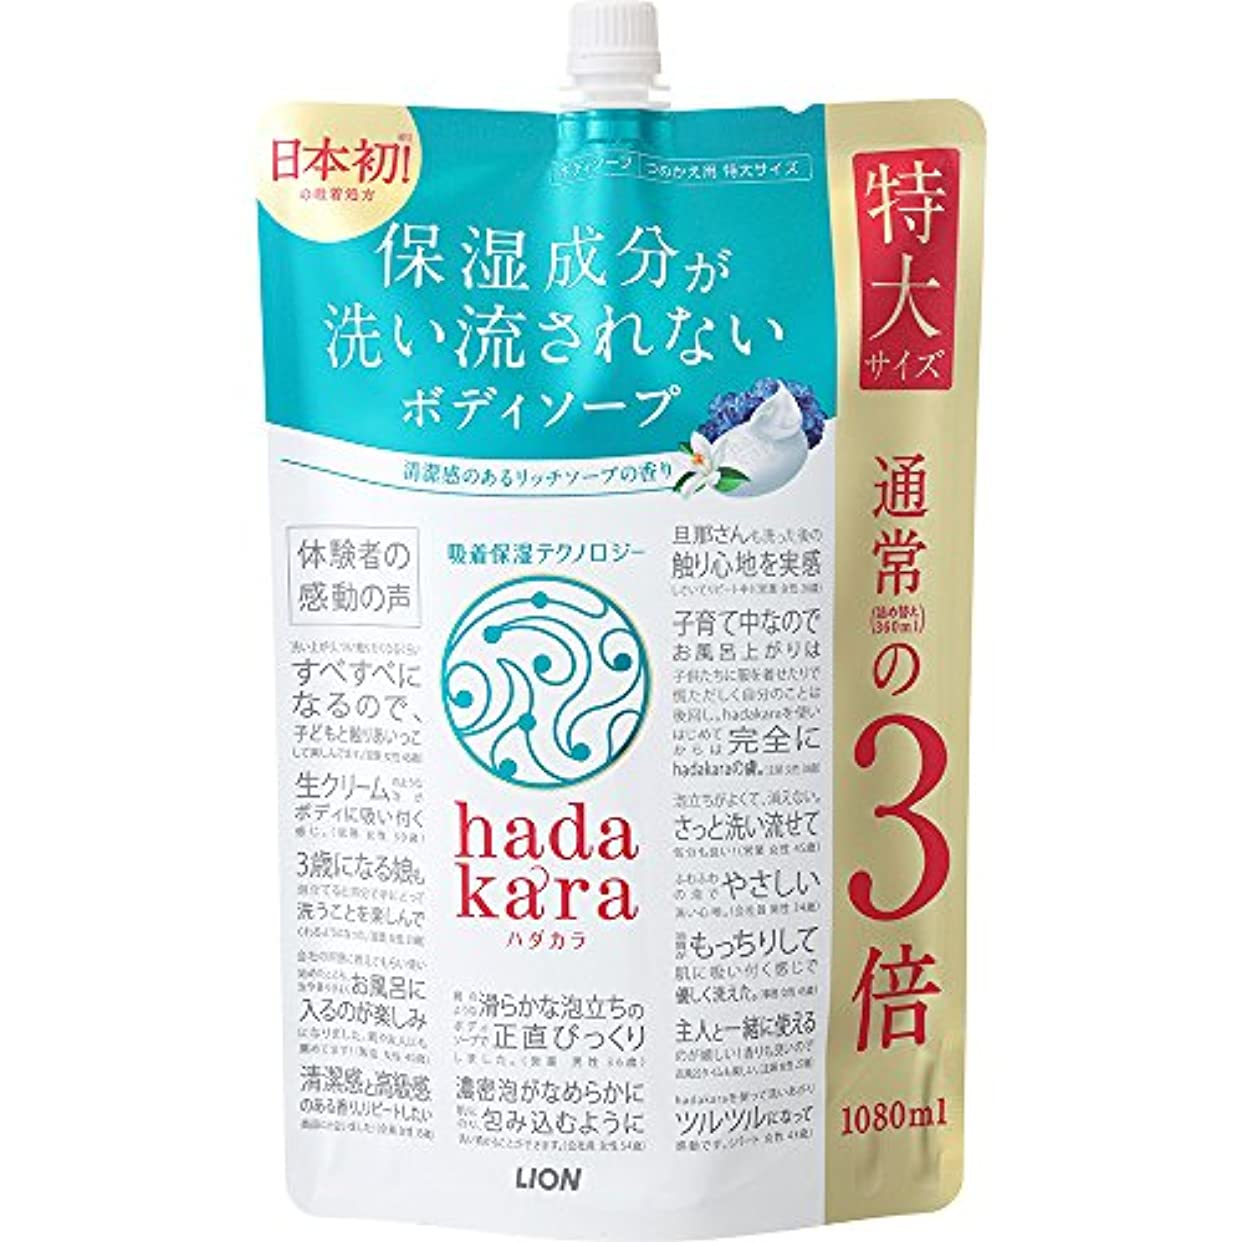 家具蓮不規則な【大容量】hadakara(ハダカラ) ボディソープ リッチソープの香り 詰め替え 特大 1080ml